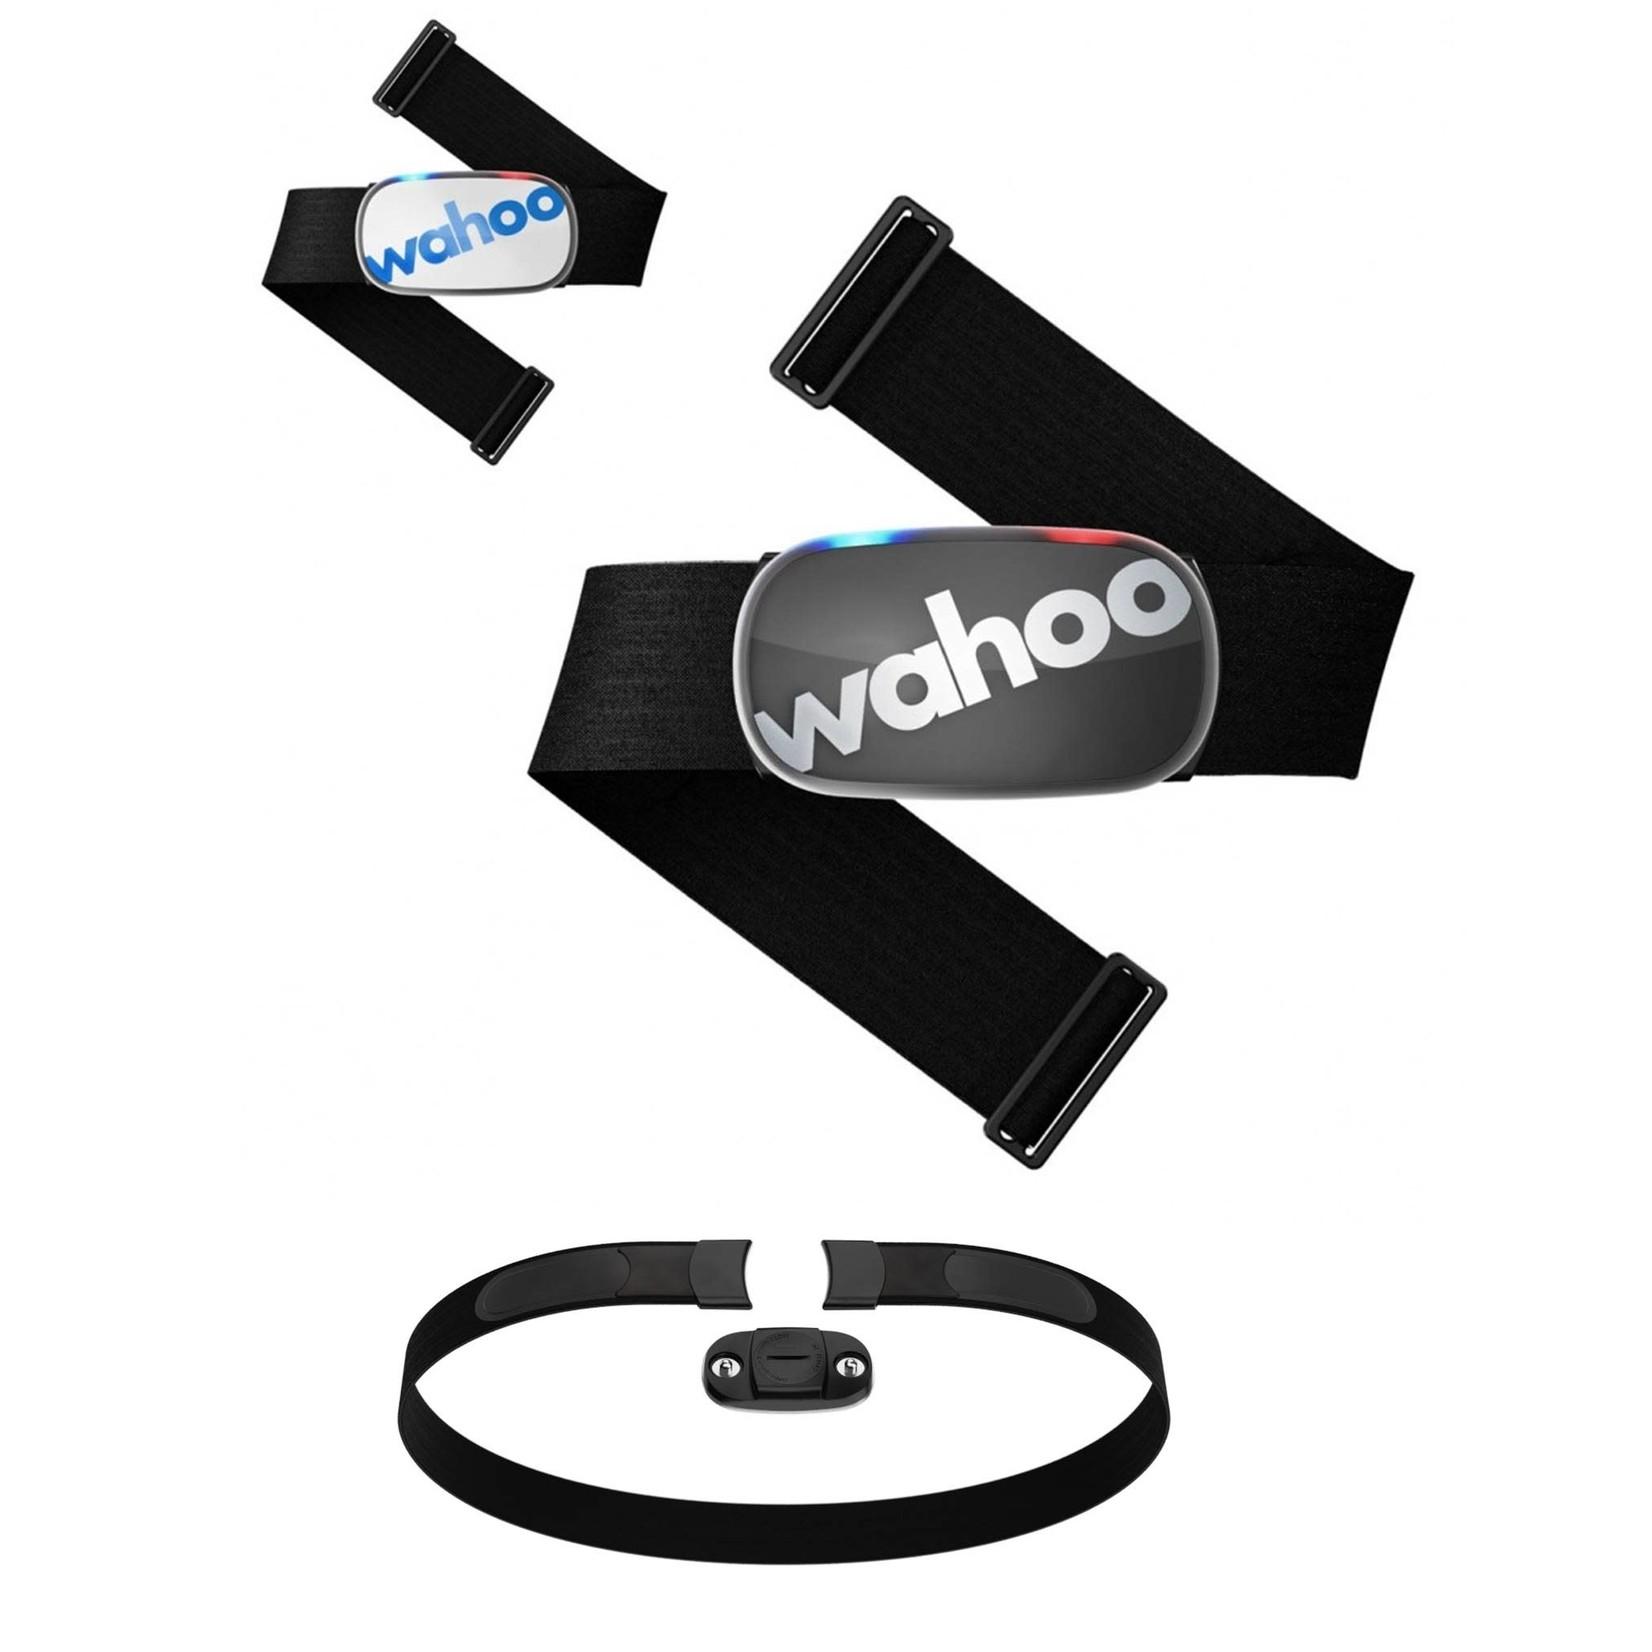 Wahoo TickR Gen 2 Heart Rate Monitor